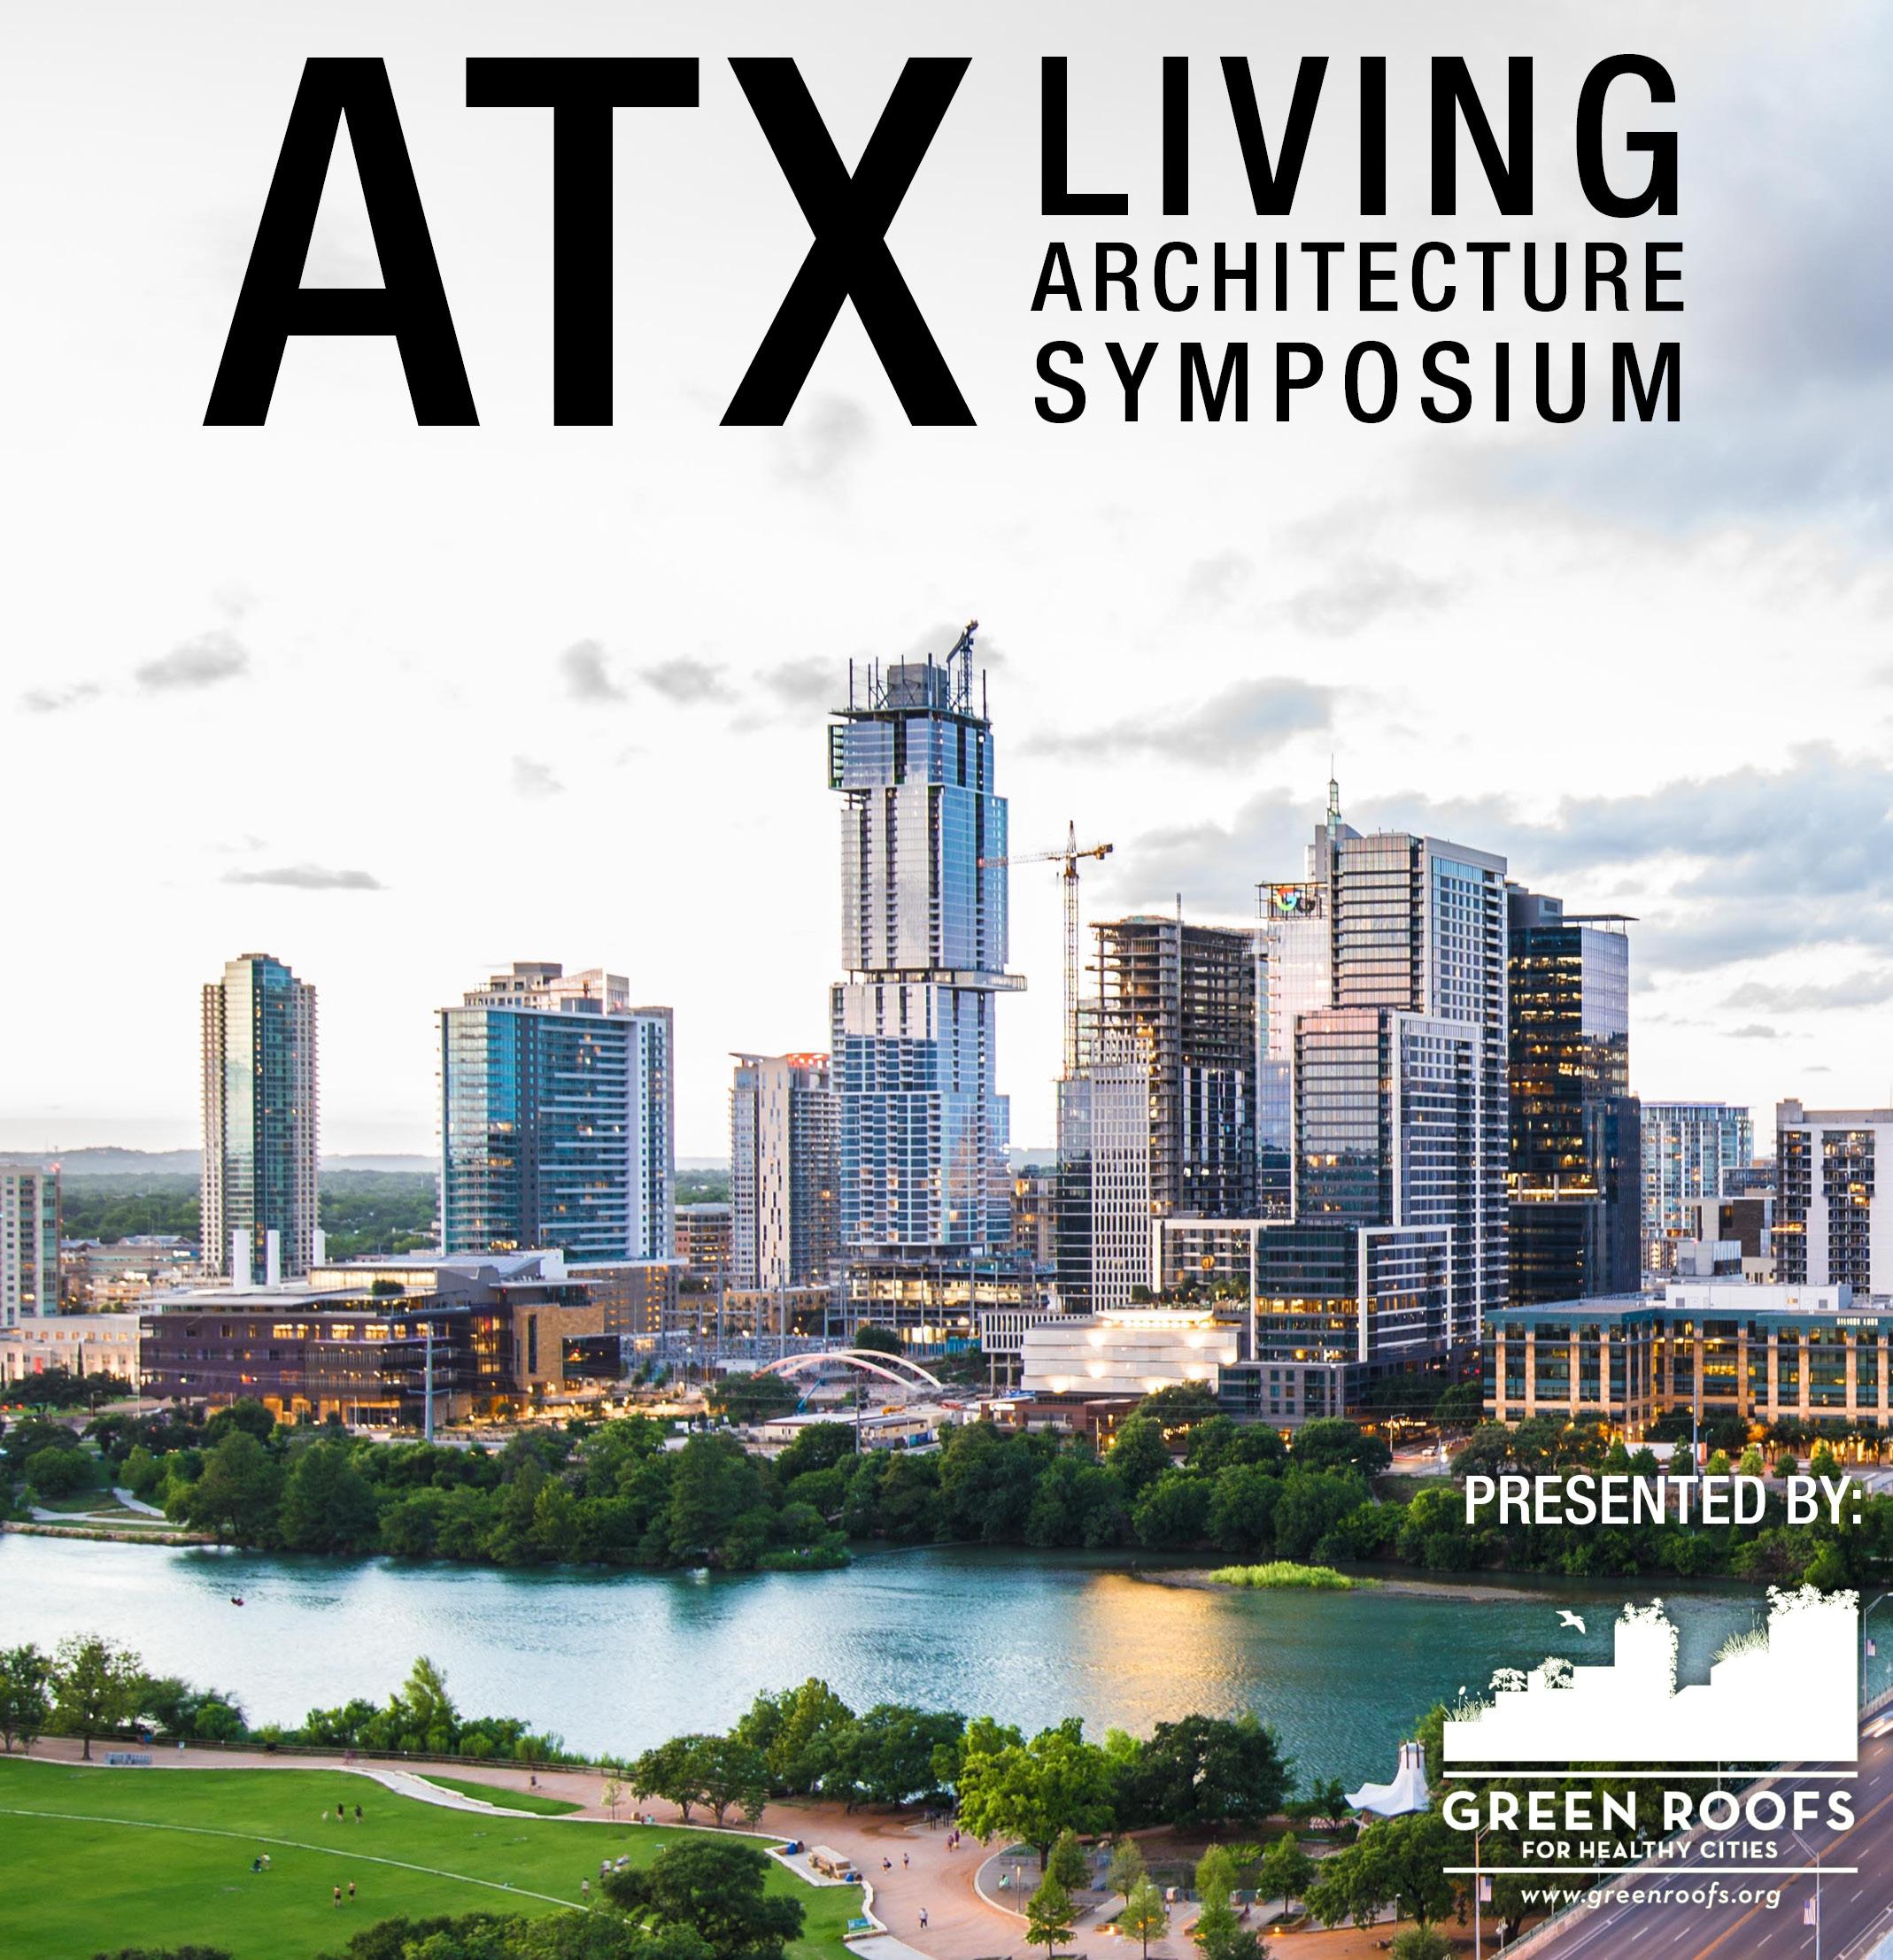 ATX_LivingArchitecture_Symposium_Header